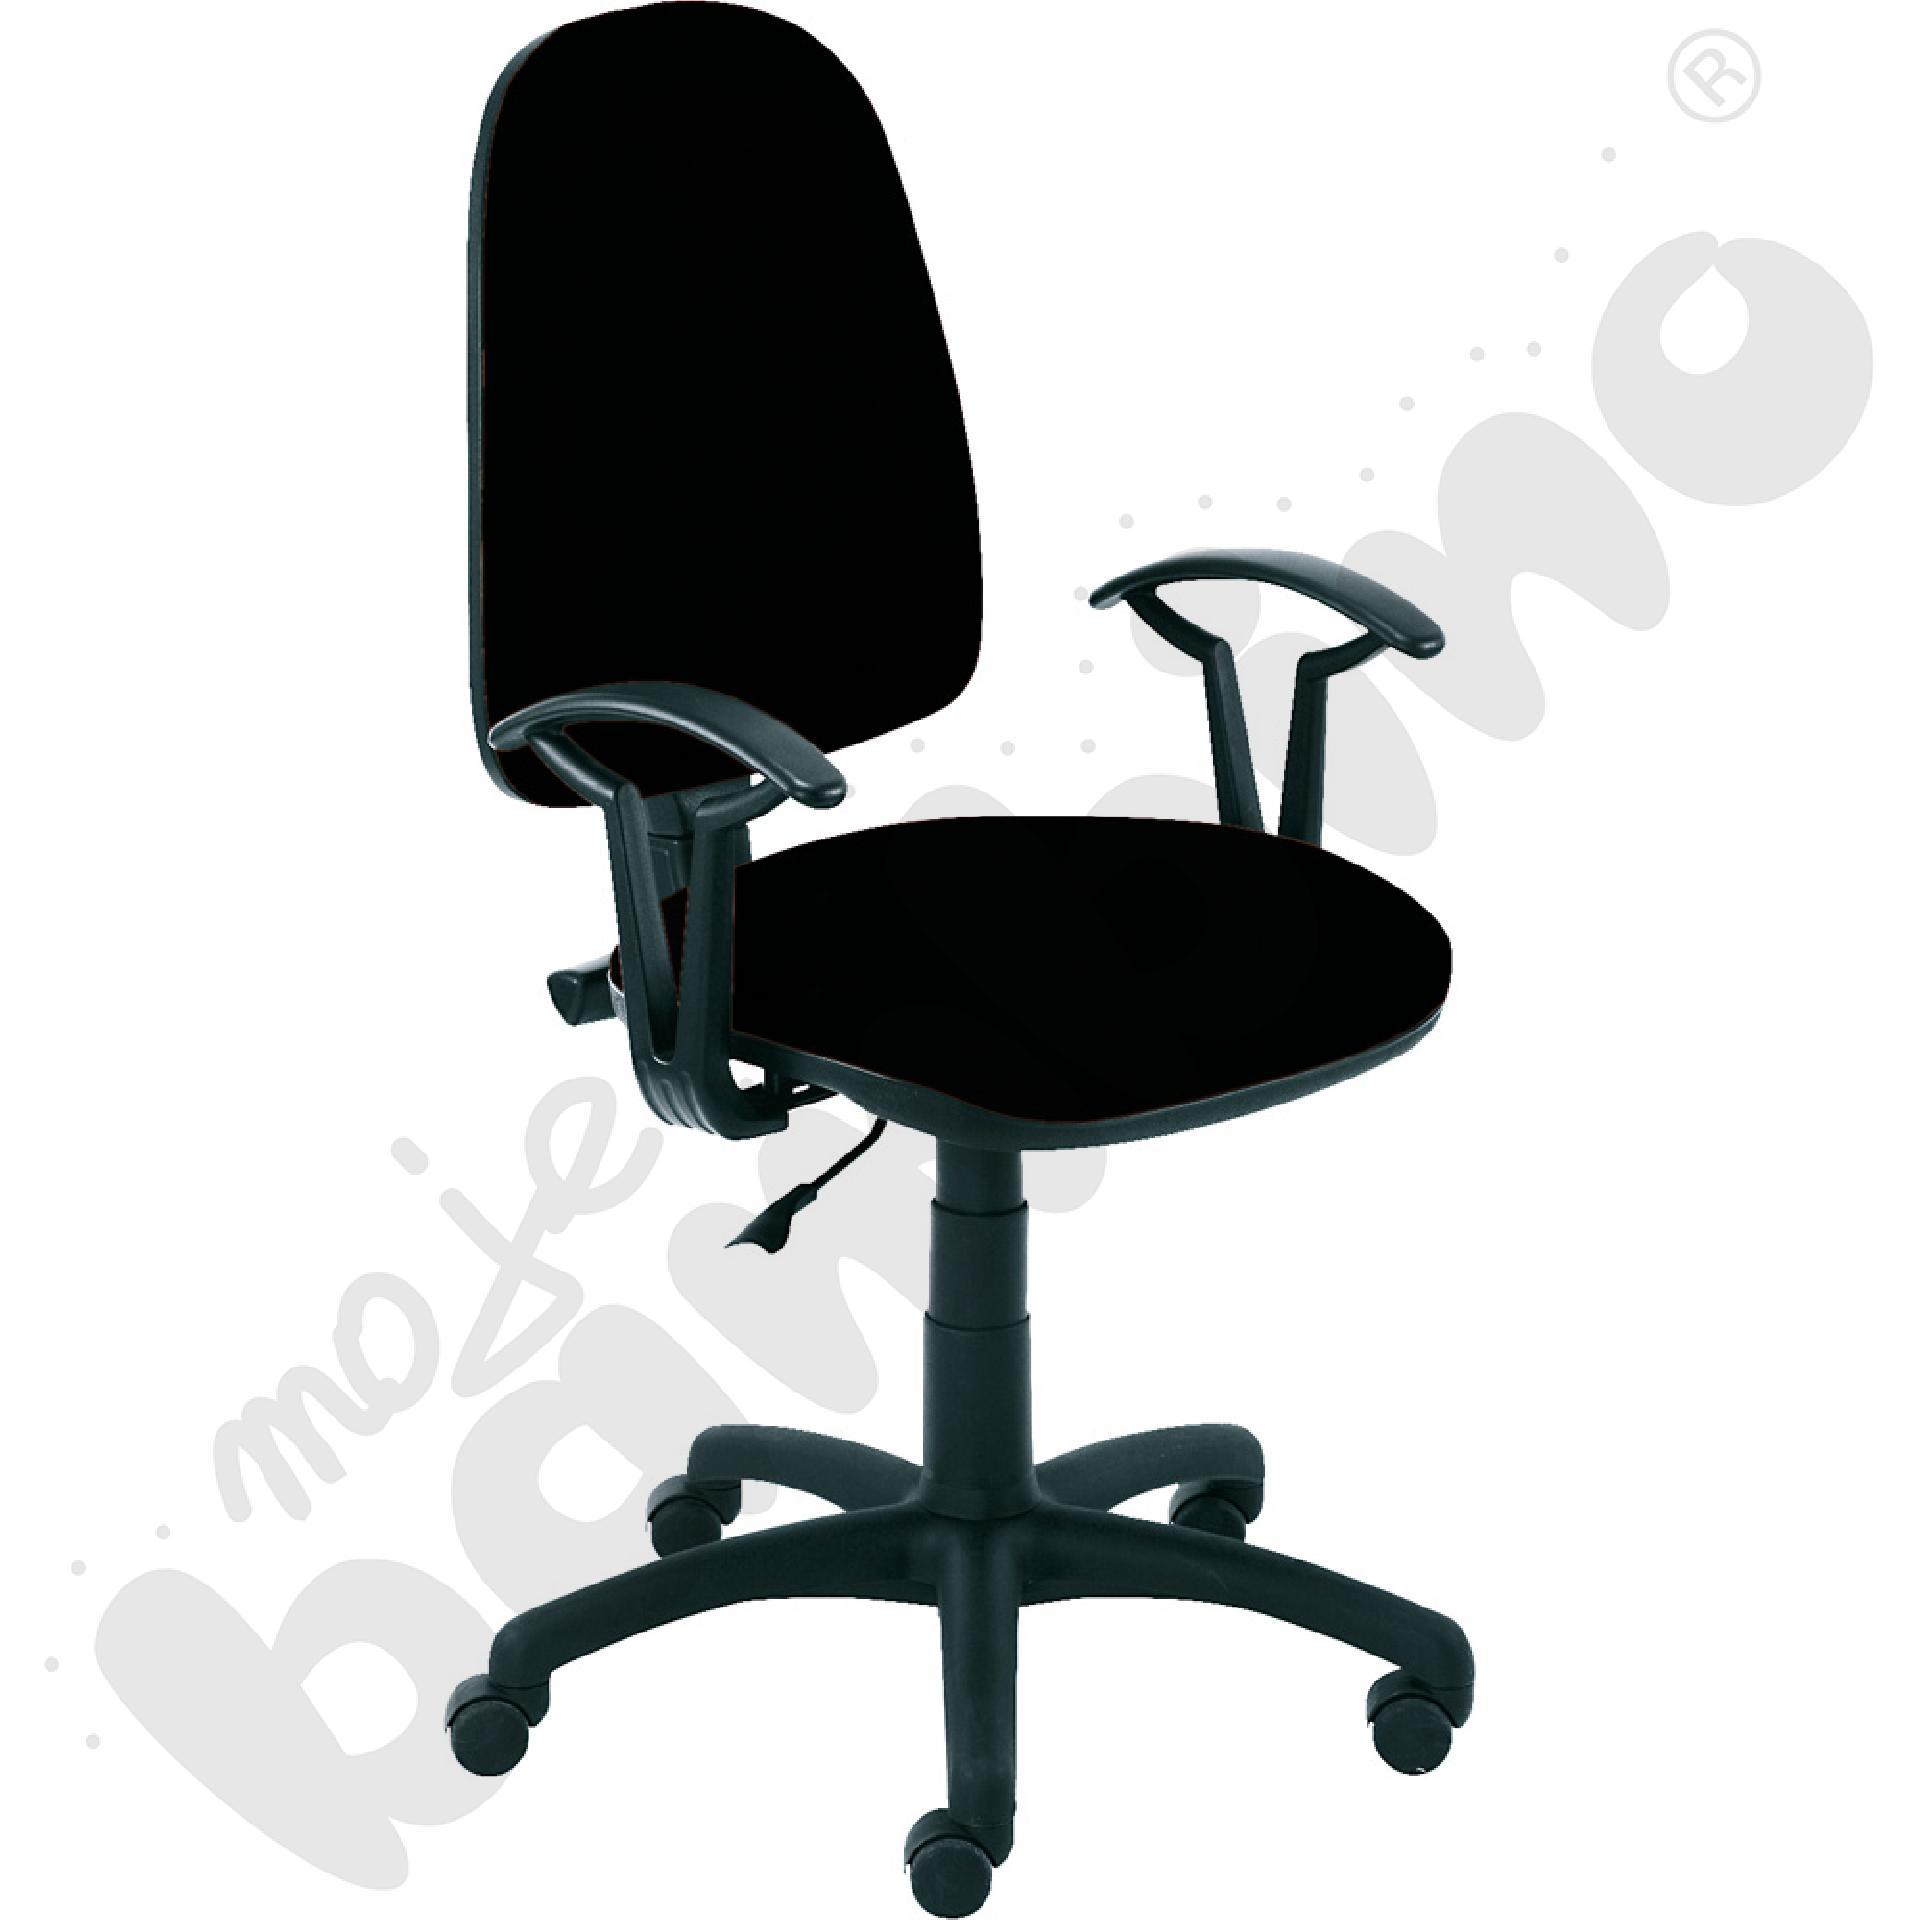 Krzesło obrotowe AKORD czarne